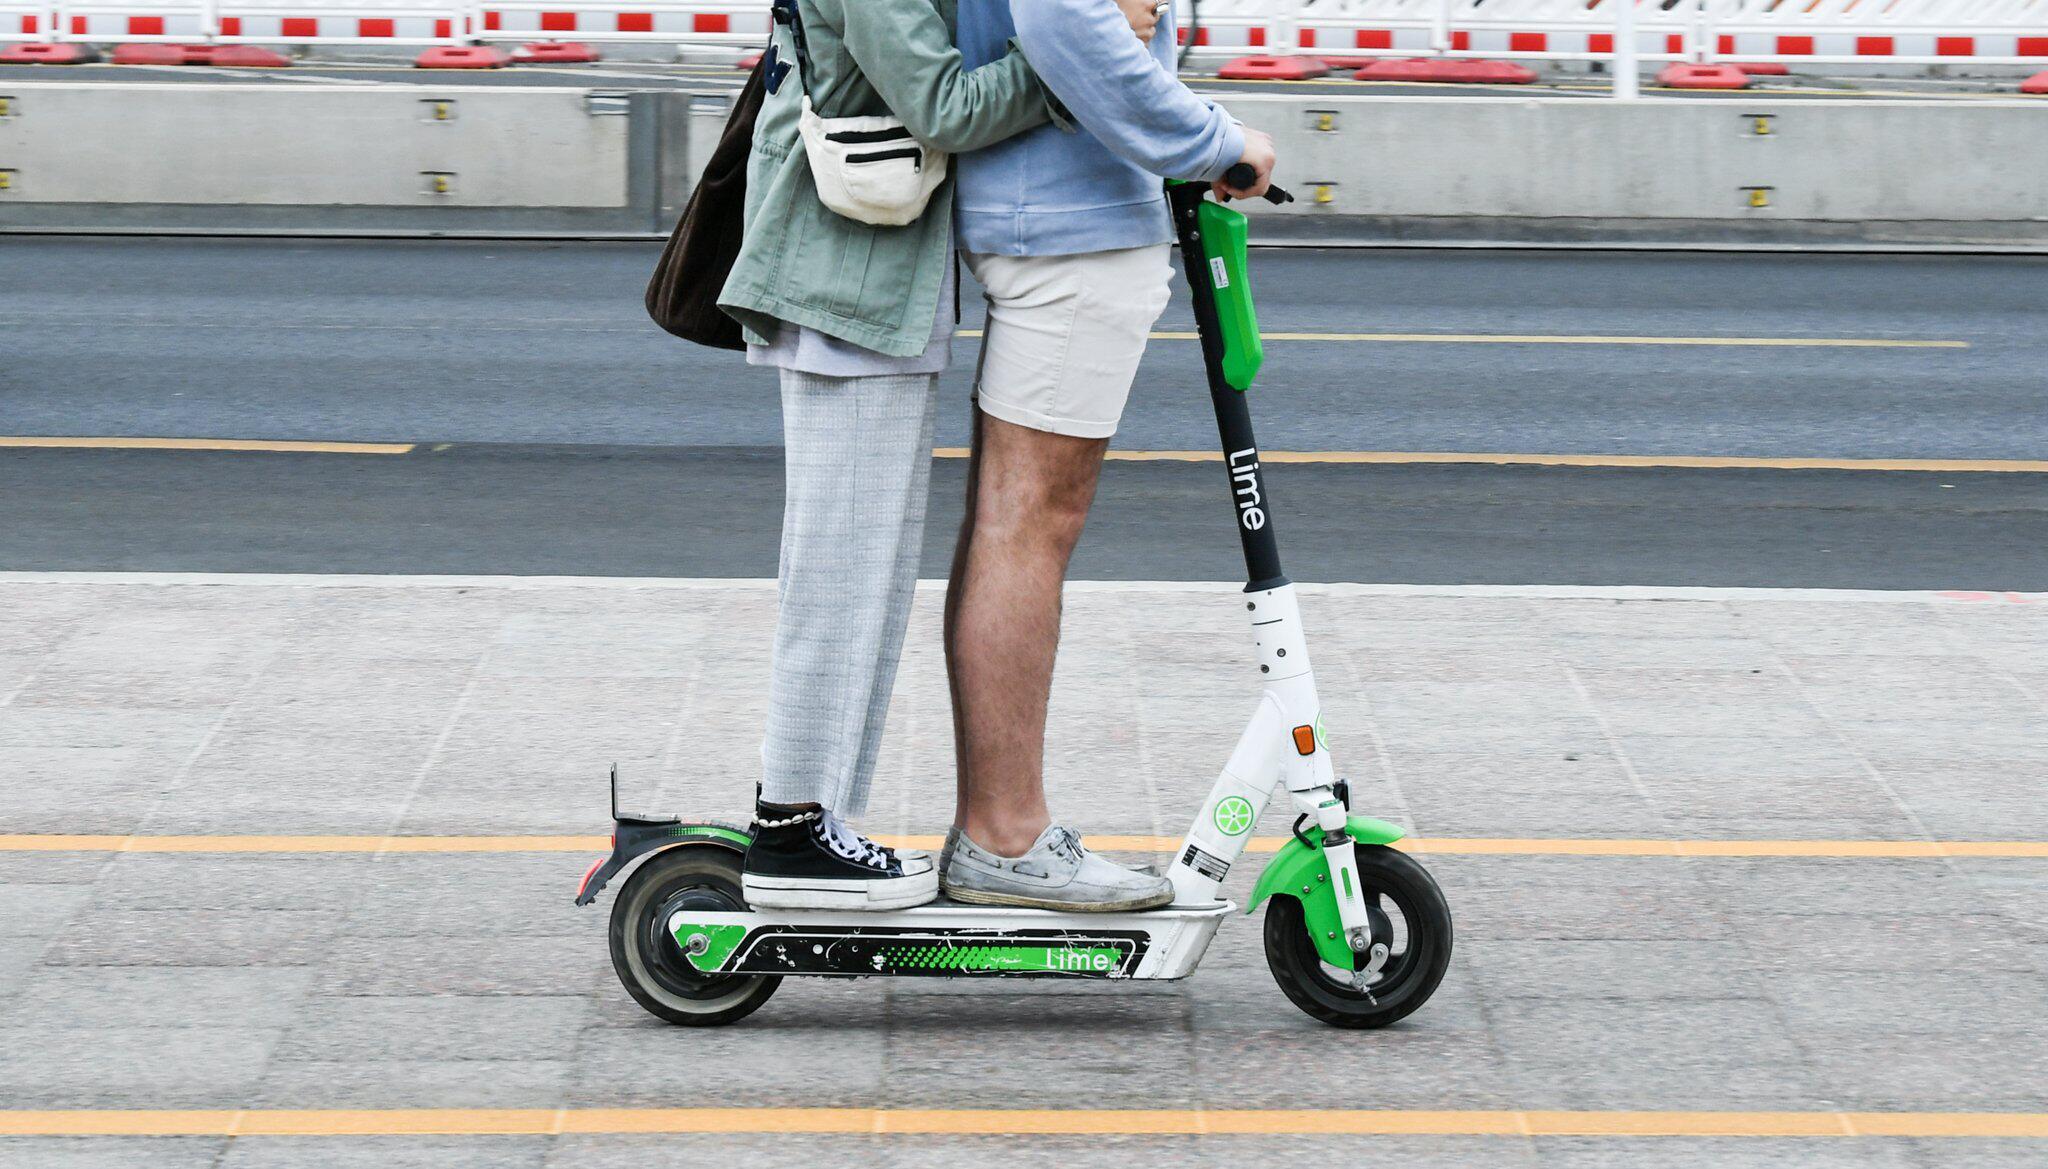 Bild zu E-Scooter im Straßenverkehr